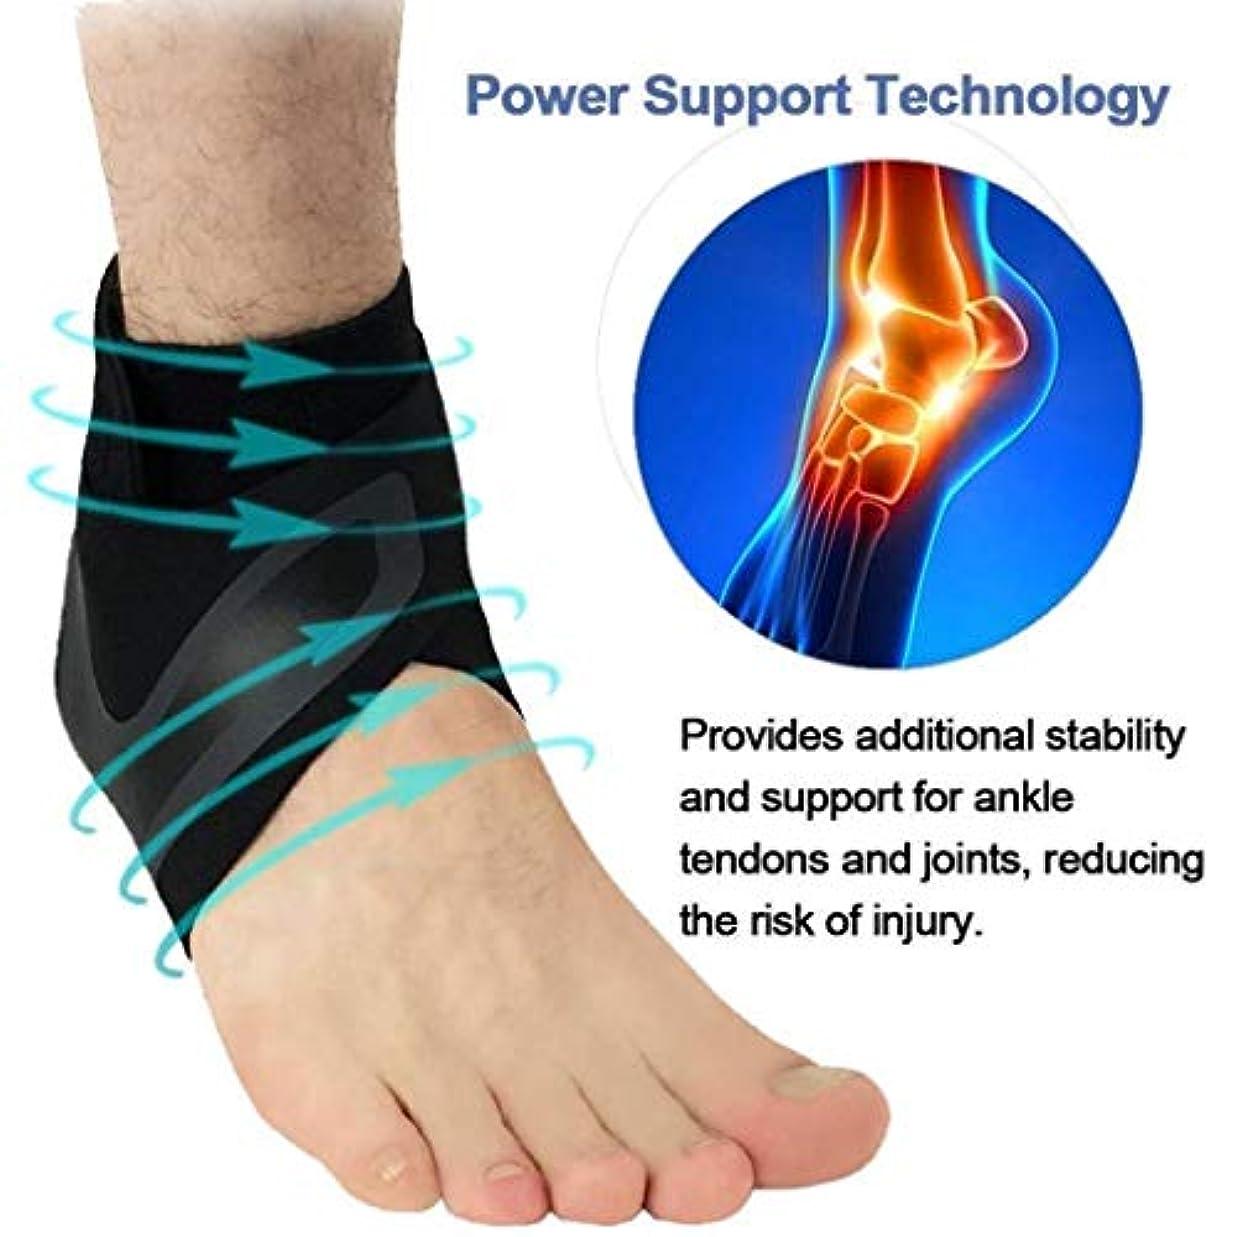 明るいほのか慣れる足首サポート、調節可能な足首ブレース多目的および通気性圧縮-スポーツ、ランニング、ウォーキング、関節痛、捻rain用の足首ラップ (Color : As Picture, Size : X-Large)